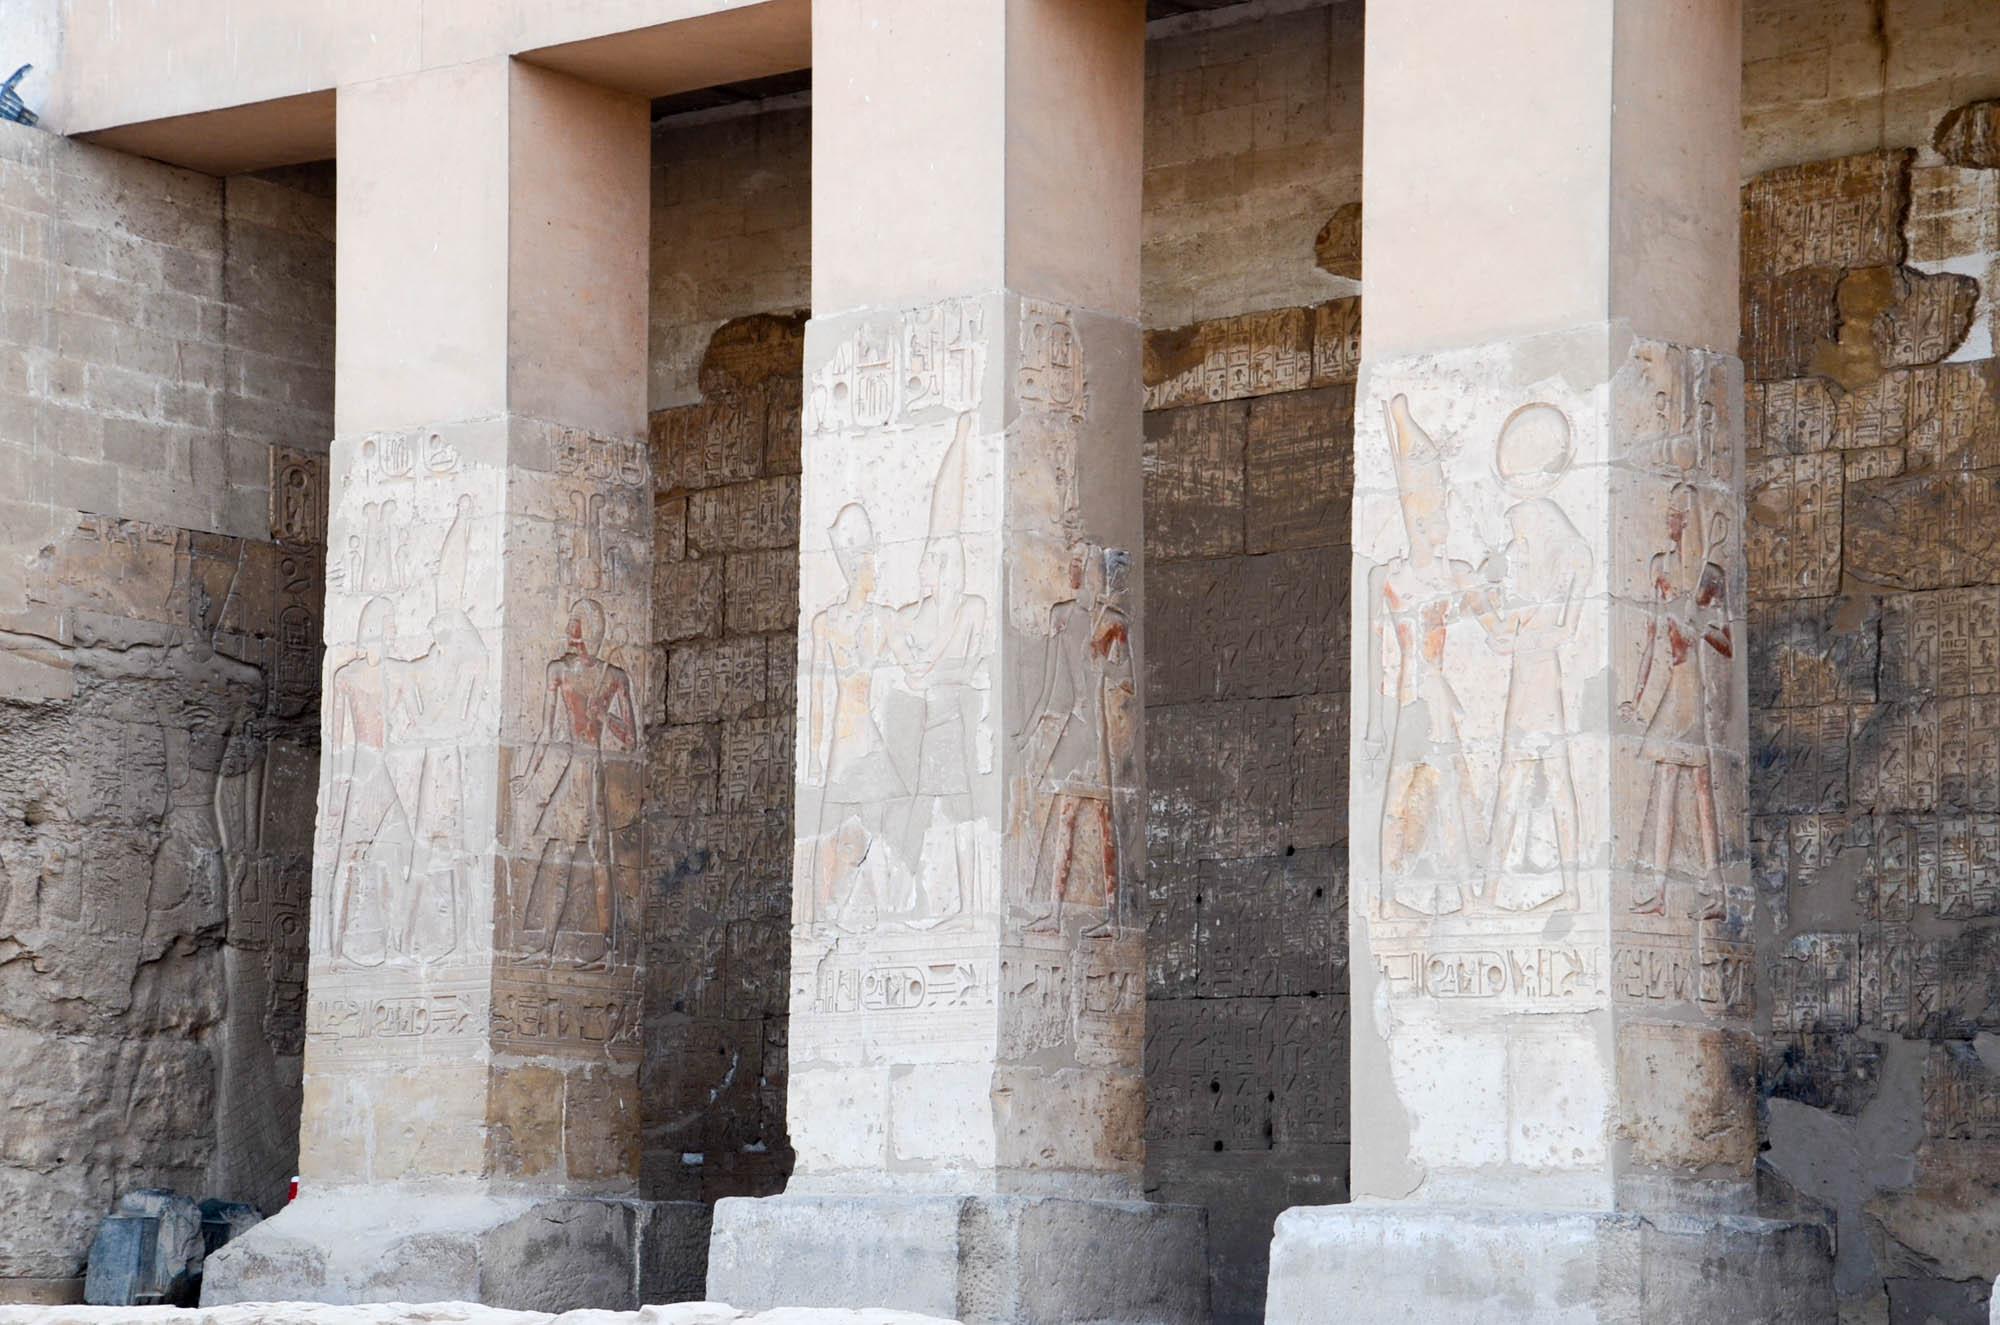 """Amun und Osiris begrüßen den Besucher des sogenannten """"Millionenjahrhauses"""", dem Totentempel von Sethos I. in Abydos. Foto: Matthieu Götz"""